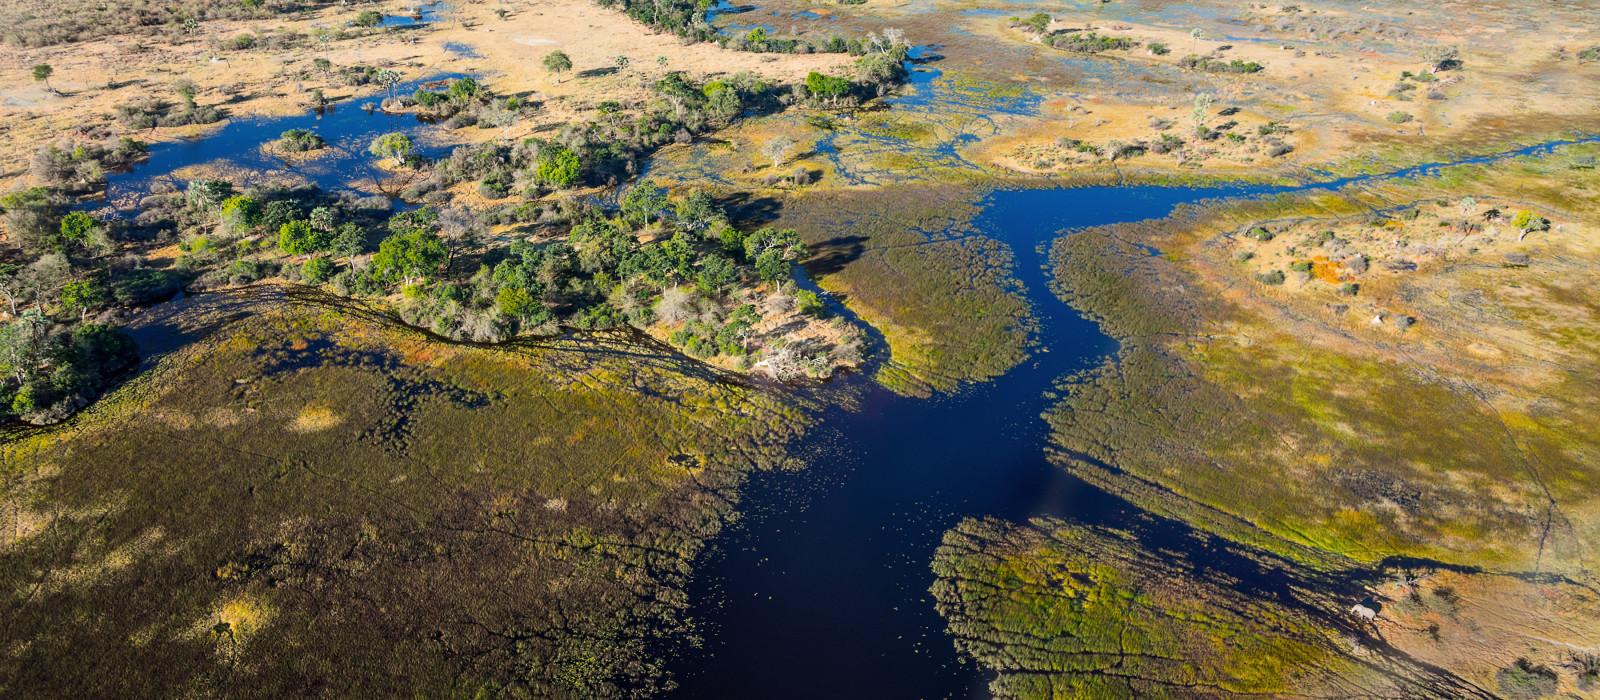 Vogelperspektive des Okavango-Delta in Botswana in Afrika